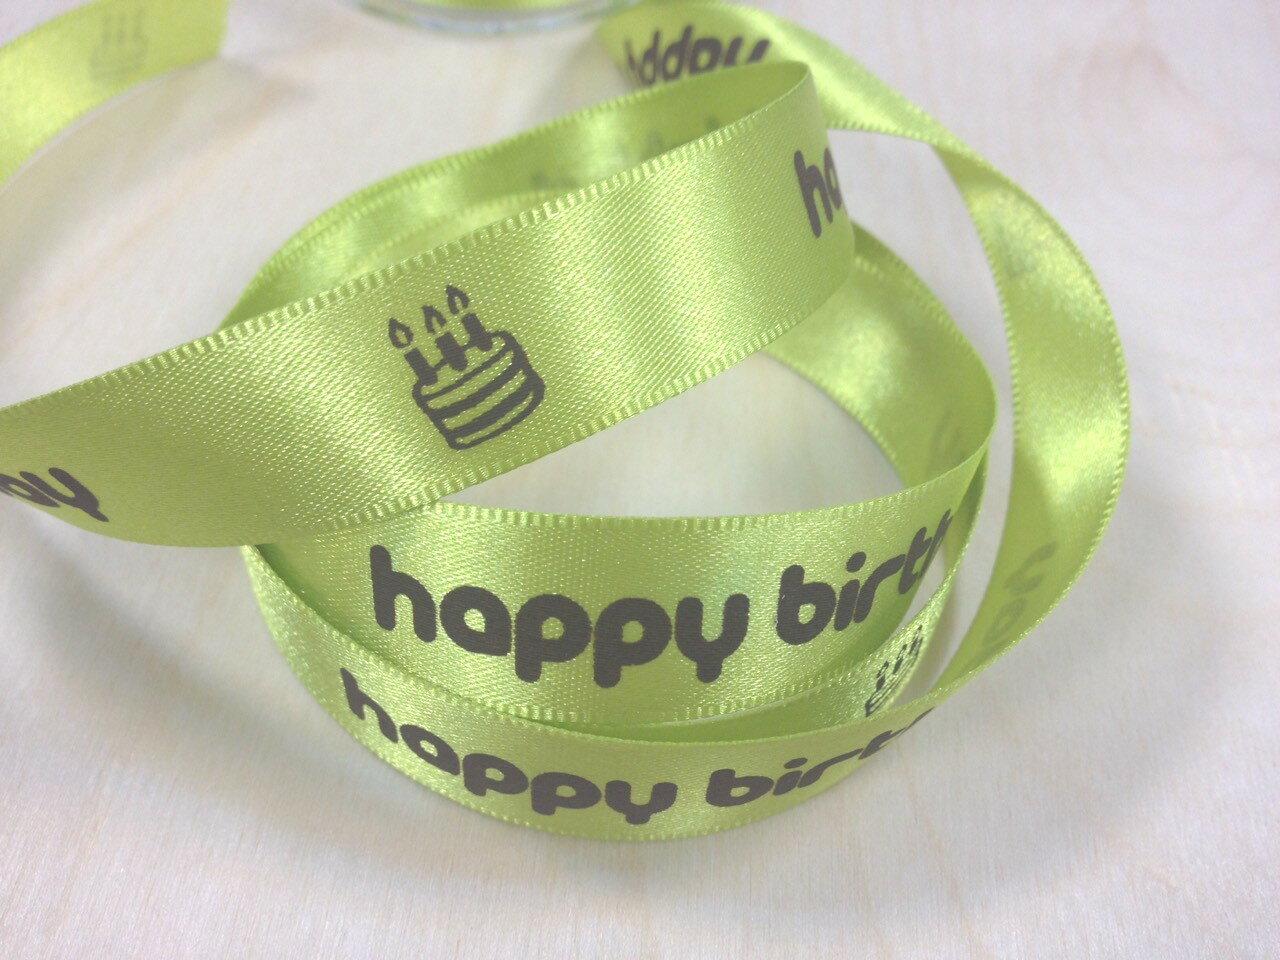 雙面緞緞帶生日快樂-許願蛋糕 15mm 3碼 (10色) 0